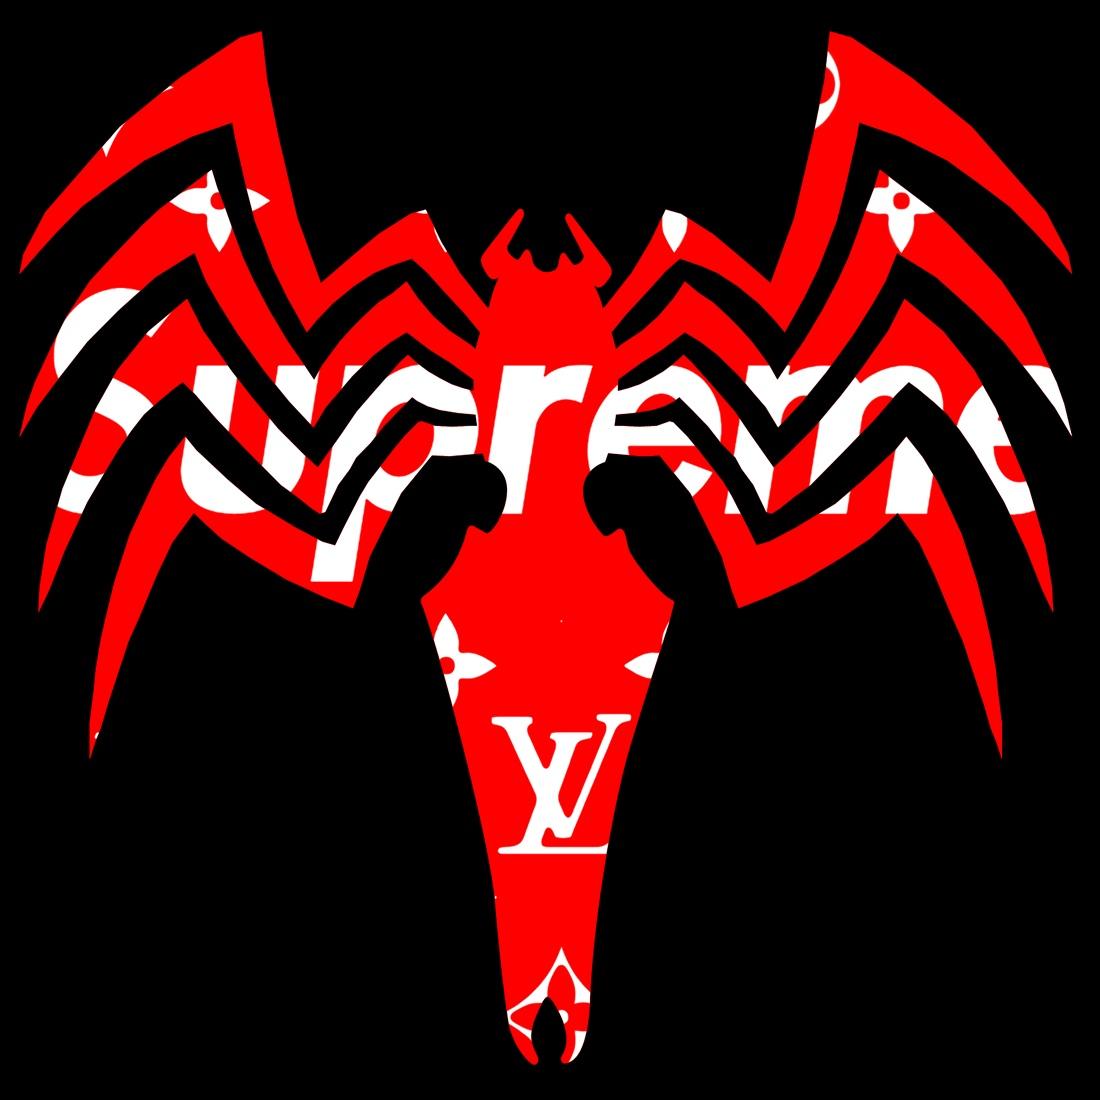 https://0901.nccdn.net/4_2/000/000/076/de9/lv-venom-gosexyca-1100x1100.jpg